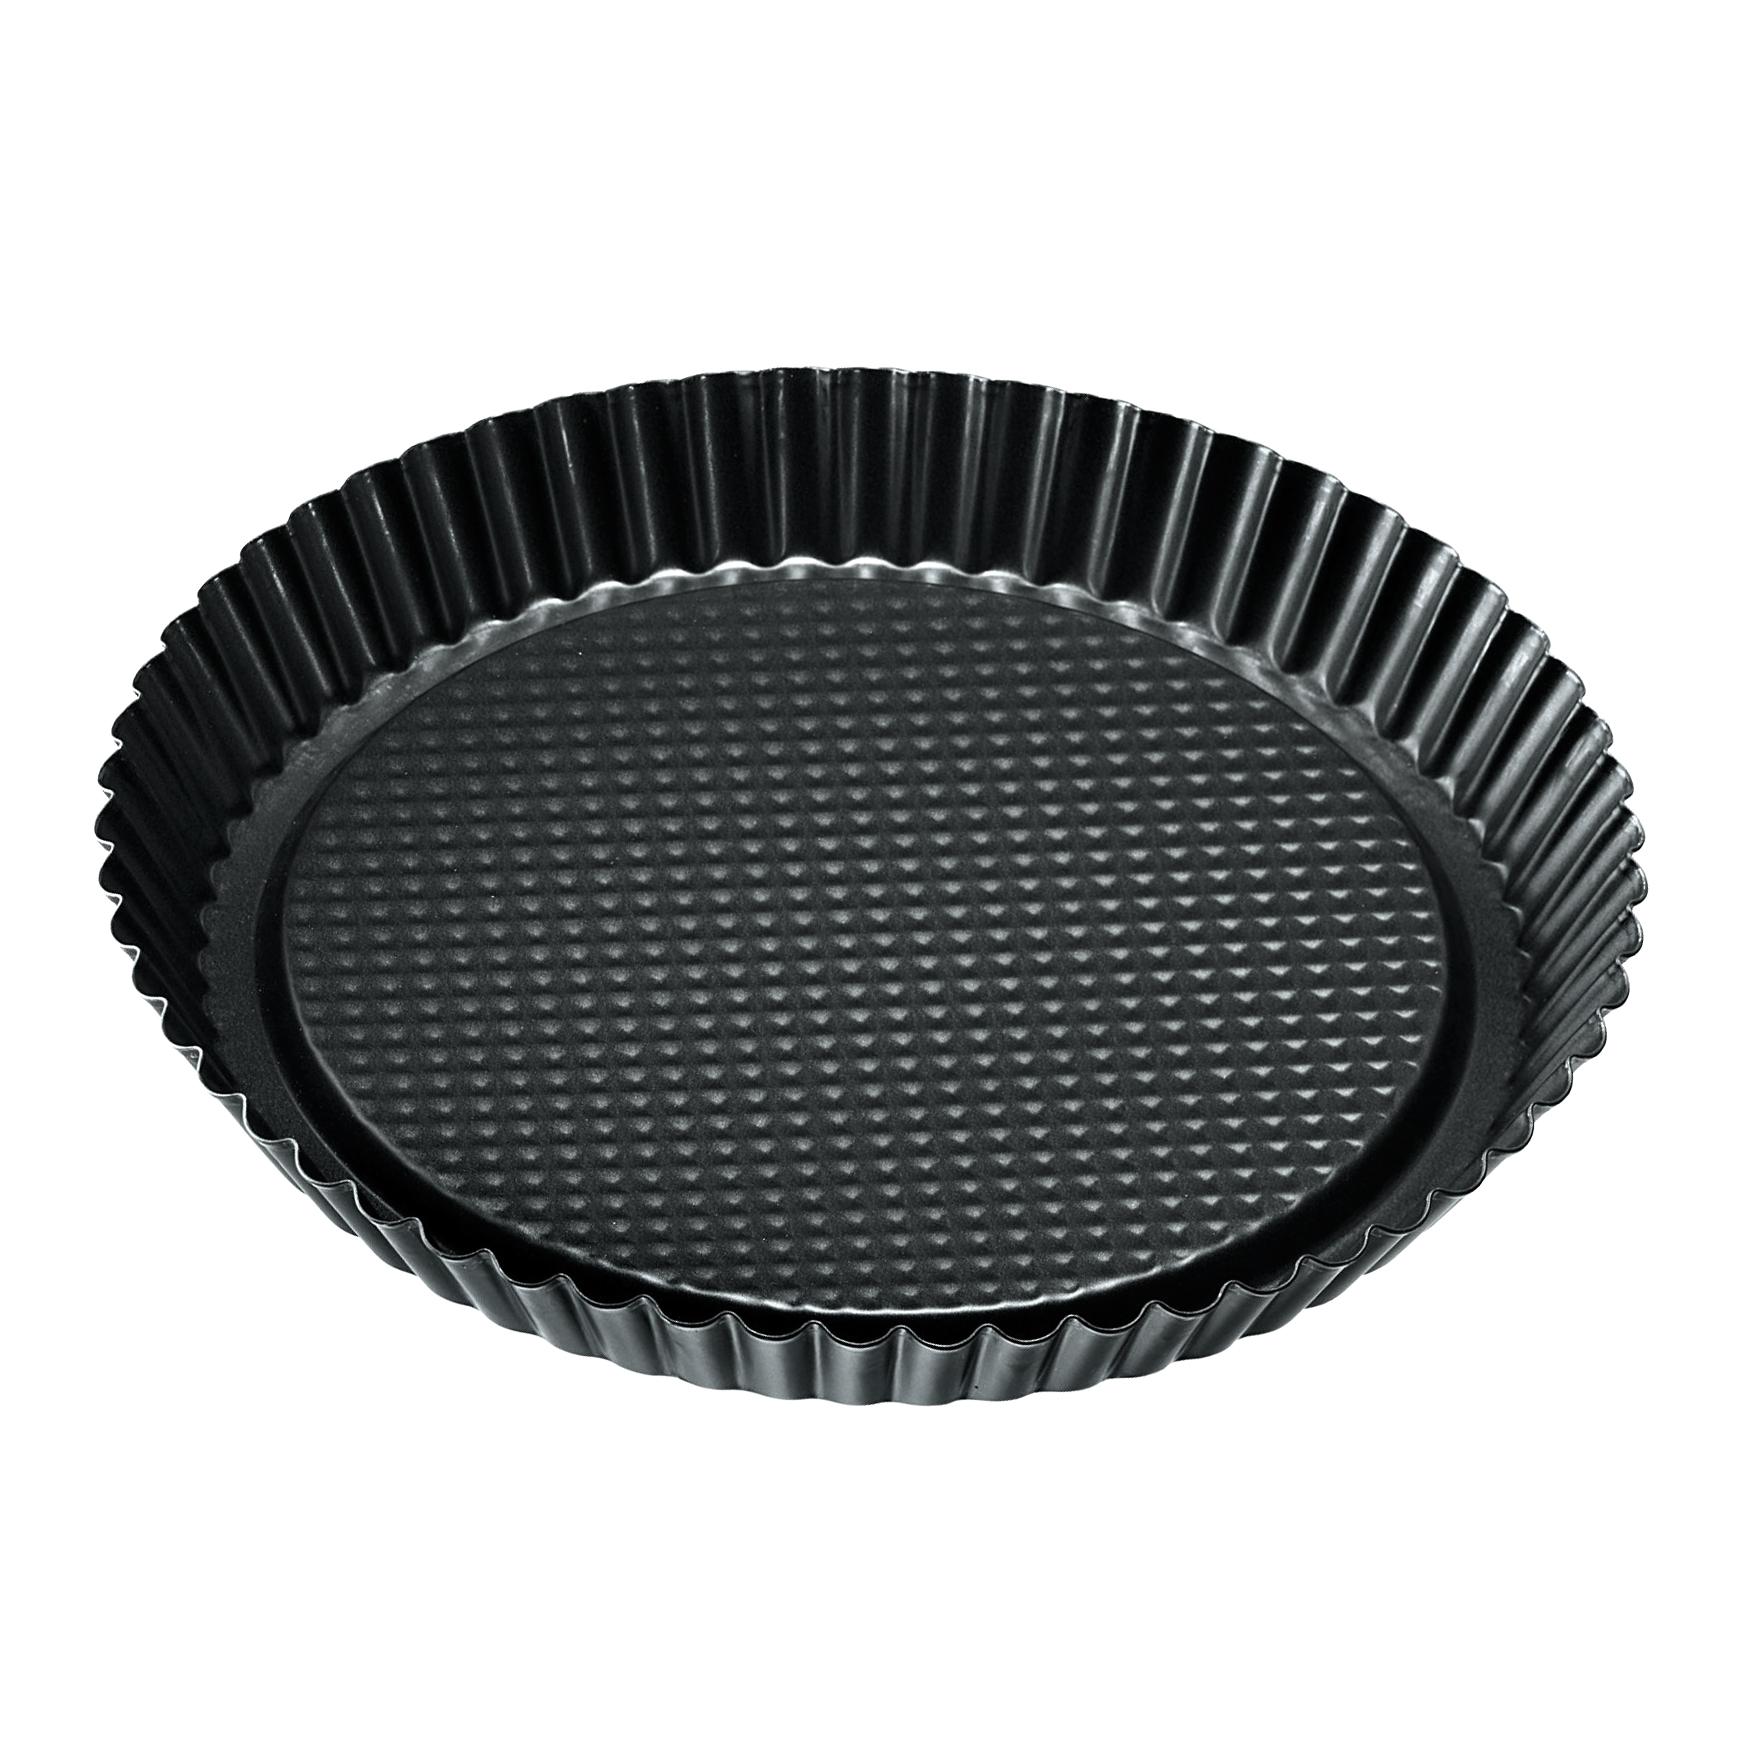 Форма для выпечки пирога Fackelmann black 28см